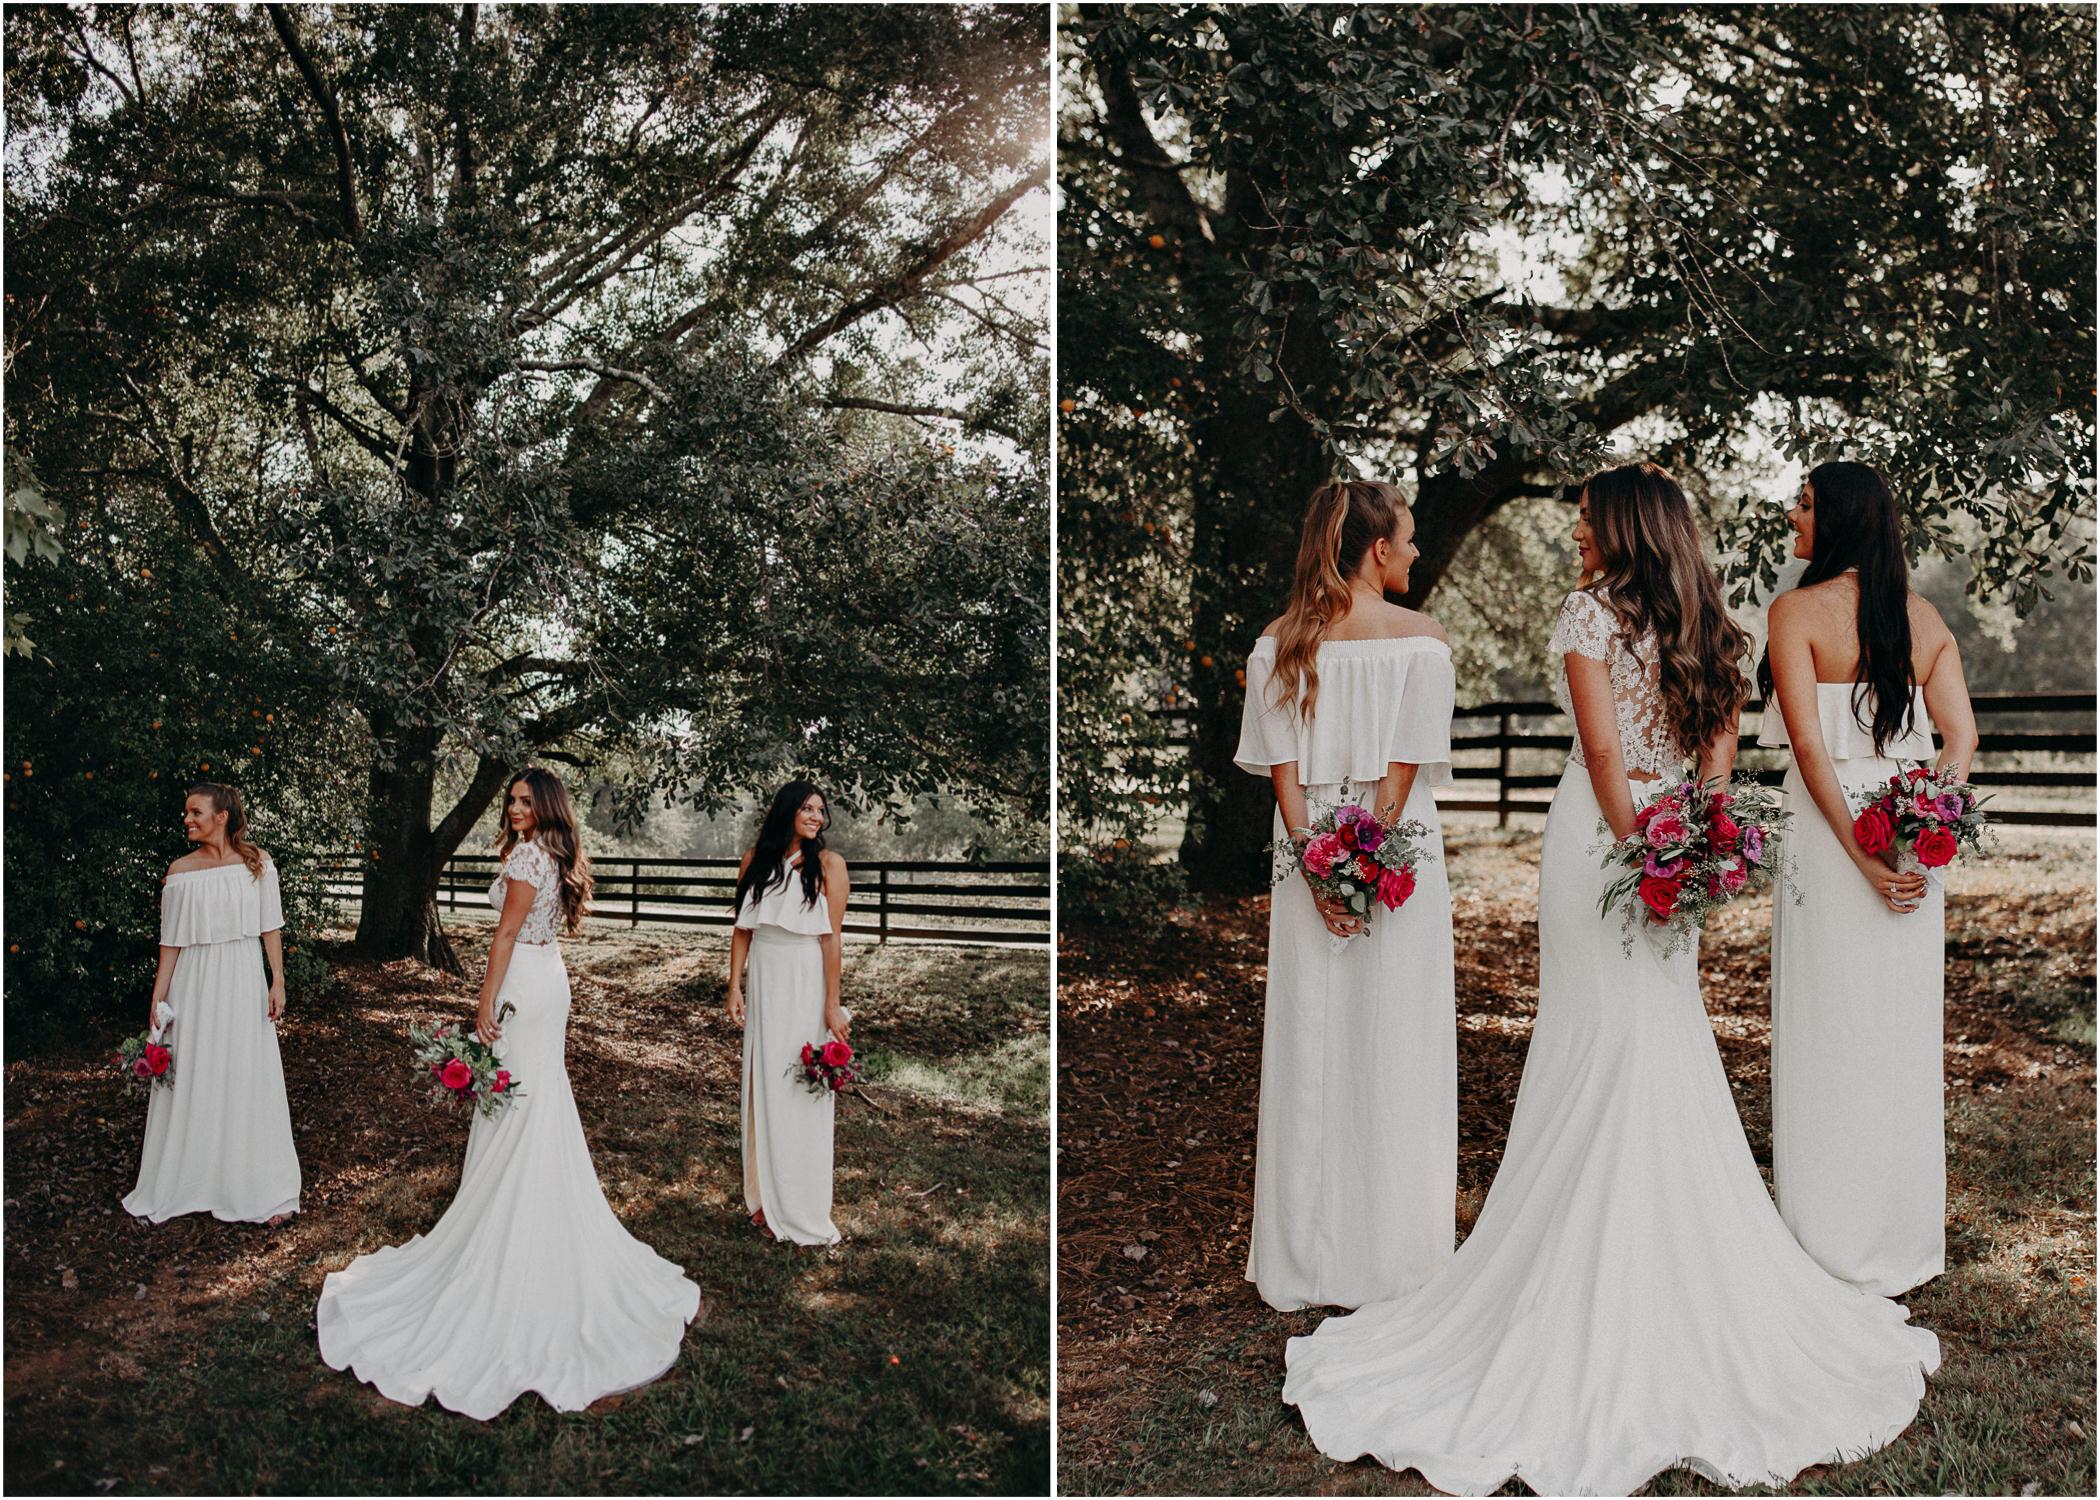 45 - wedding dress, bridesmaids, bouquet - bride getting ready wedding seranbi farms atlanta .jpg